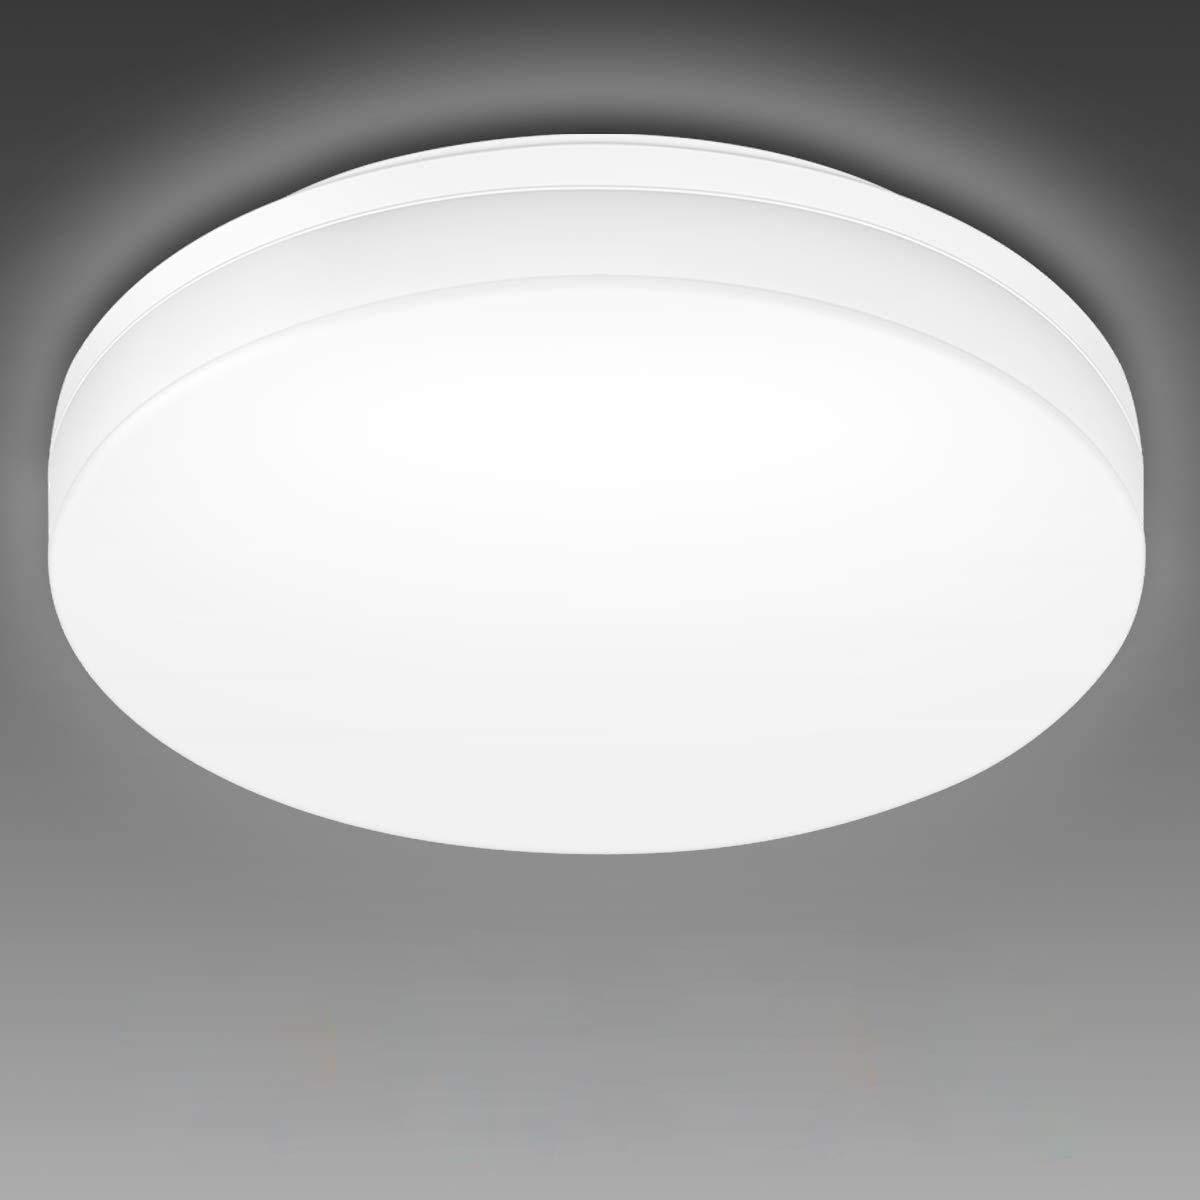 LE 10W Deckenlampe, LED Deckenleuchte IP10 Wasserfest, Ø10 10K Badlampe,  1000LM Kaltweiß Licht Badezimmer Lamp, Rund Flach Leuchte Decken Ideal für